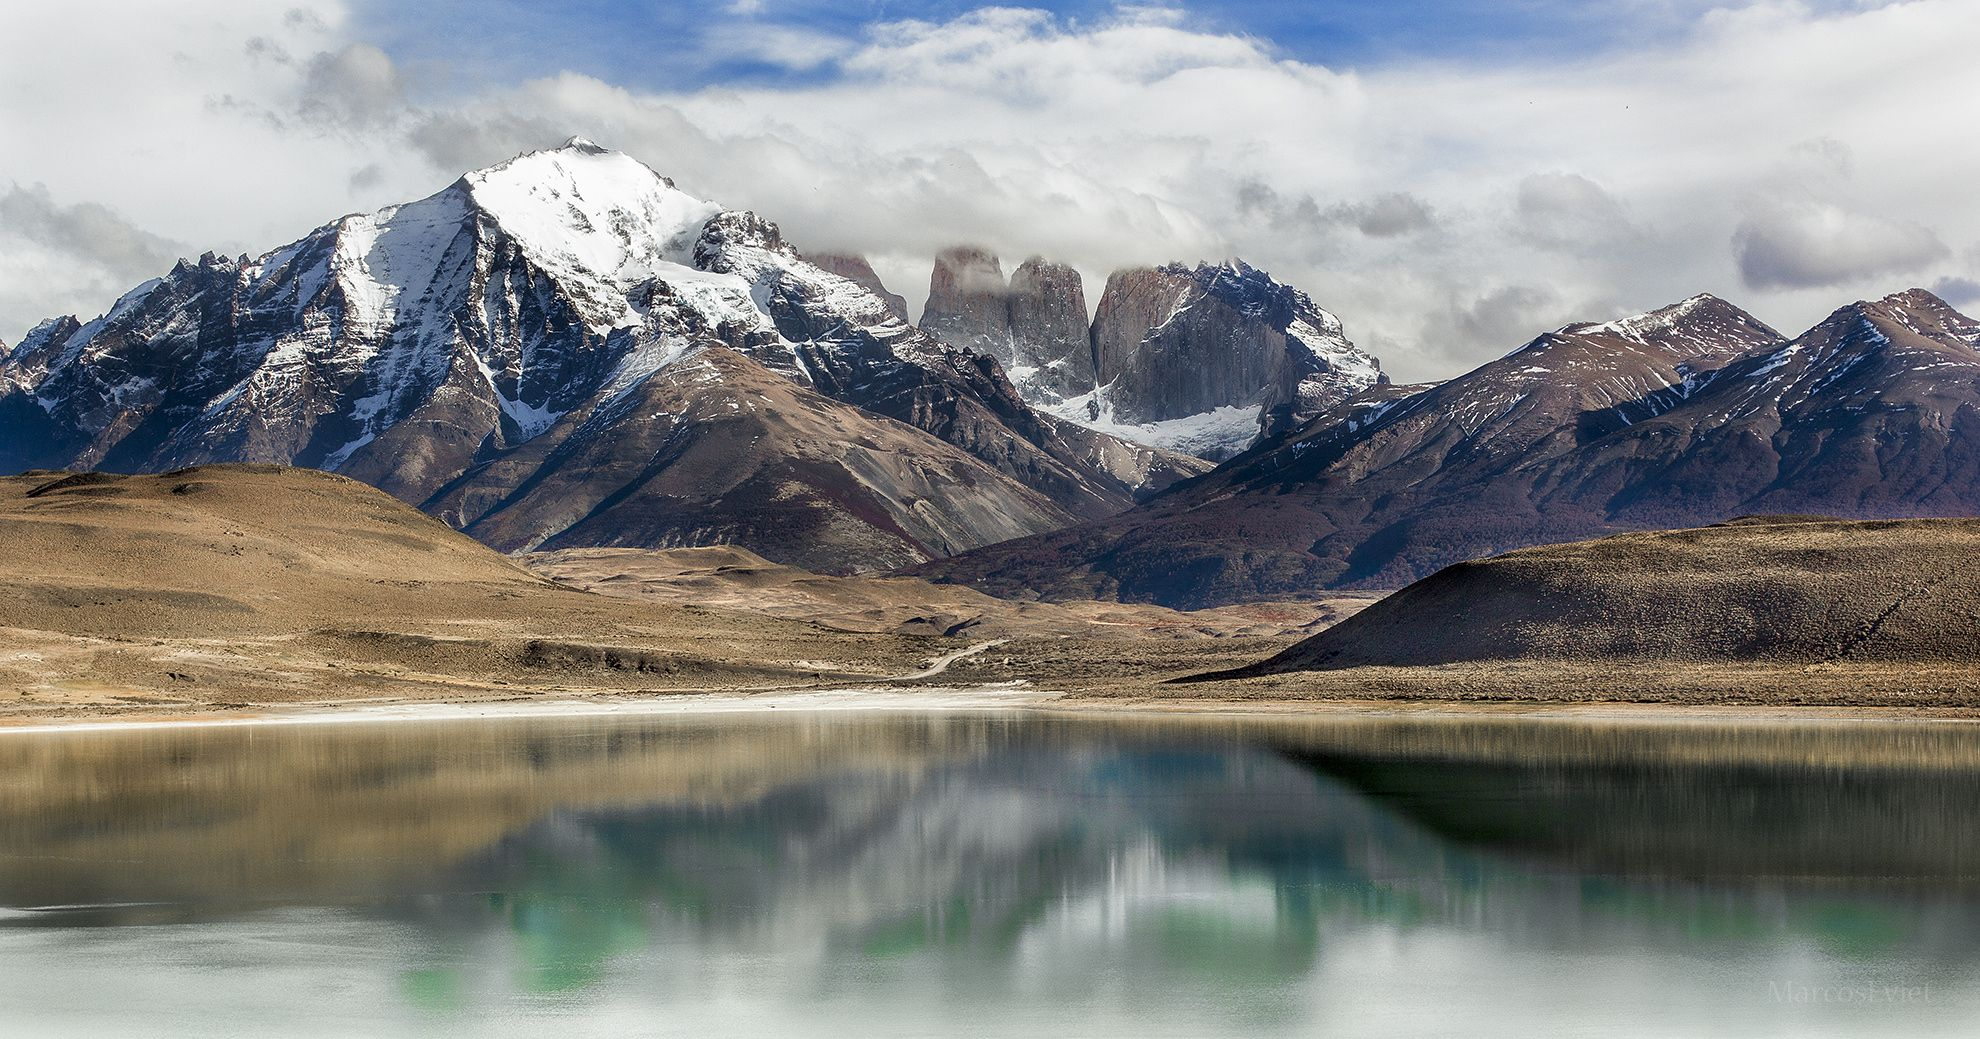 Parque Nacional Torres del Paine by Marcos Eviet